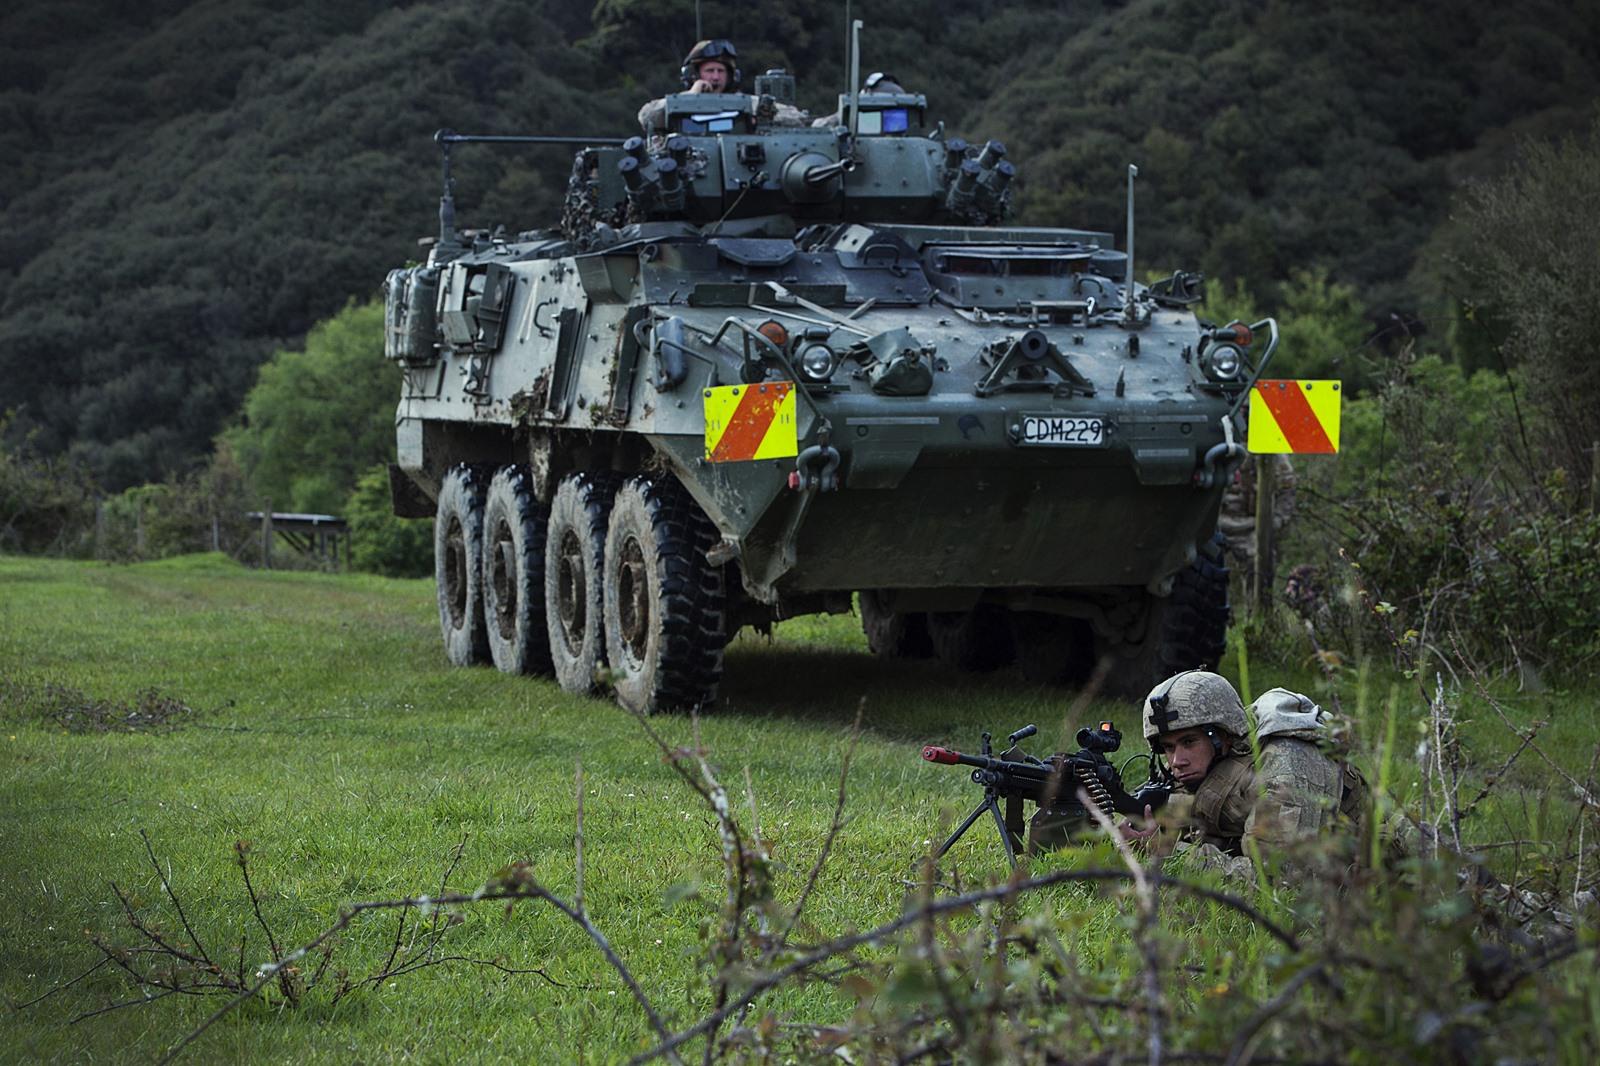 뉴질랜드육군 NZLAV 장갑차와 미해병대 합동훈련 ..